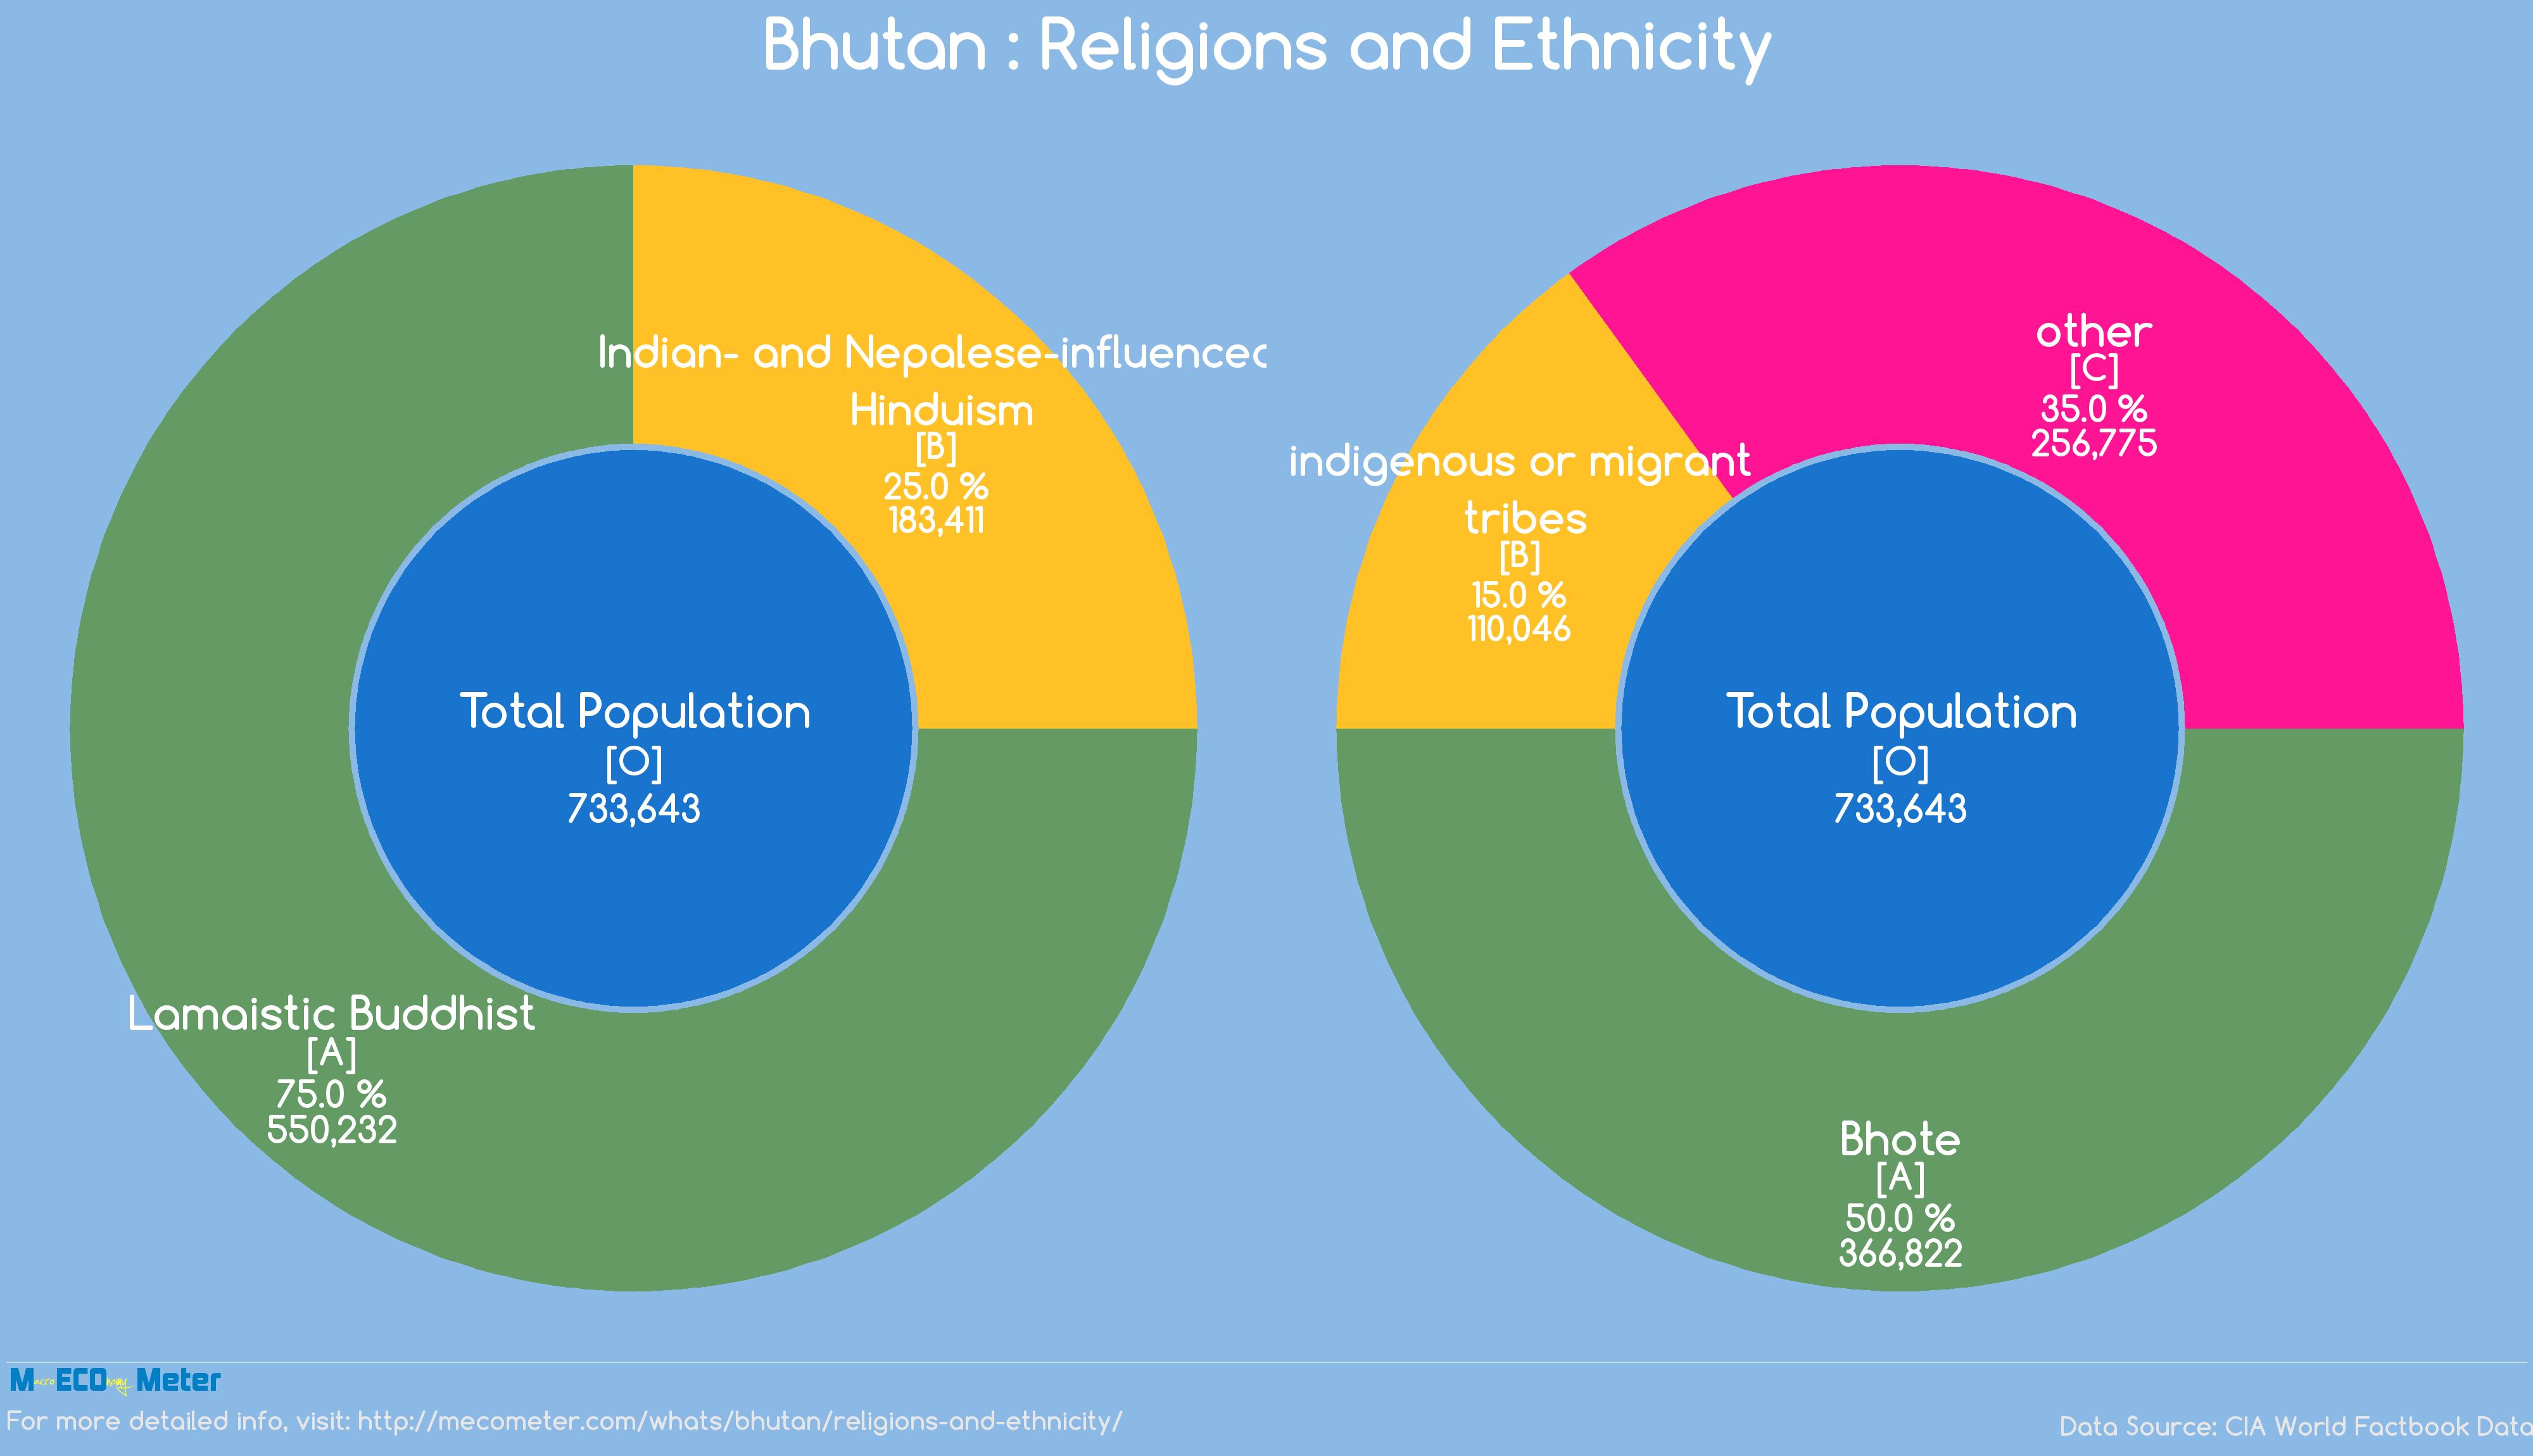 Bhutan : Religions and Ethnicity